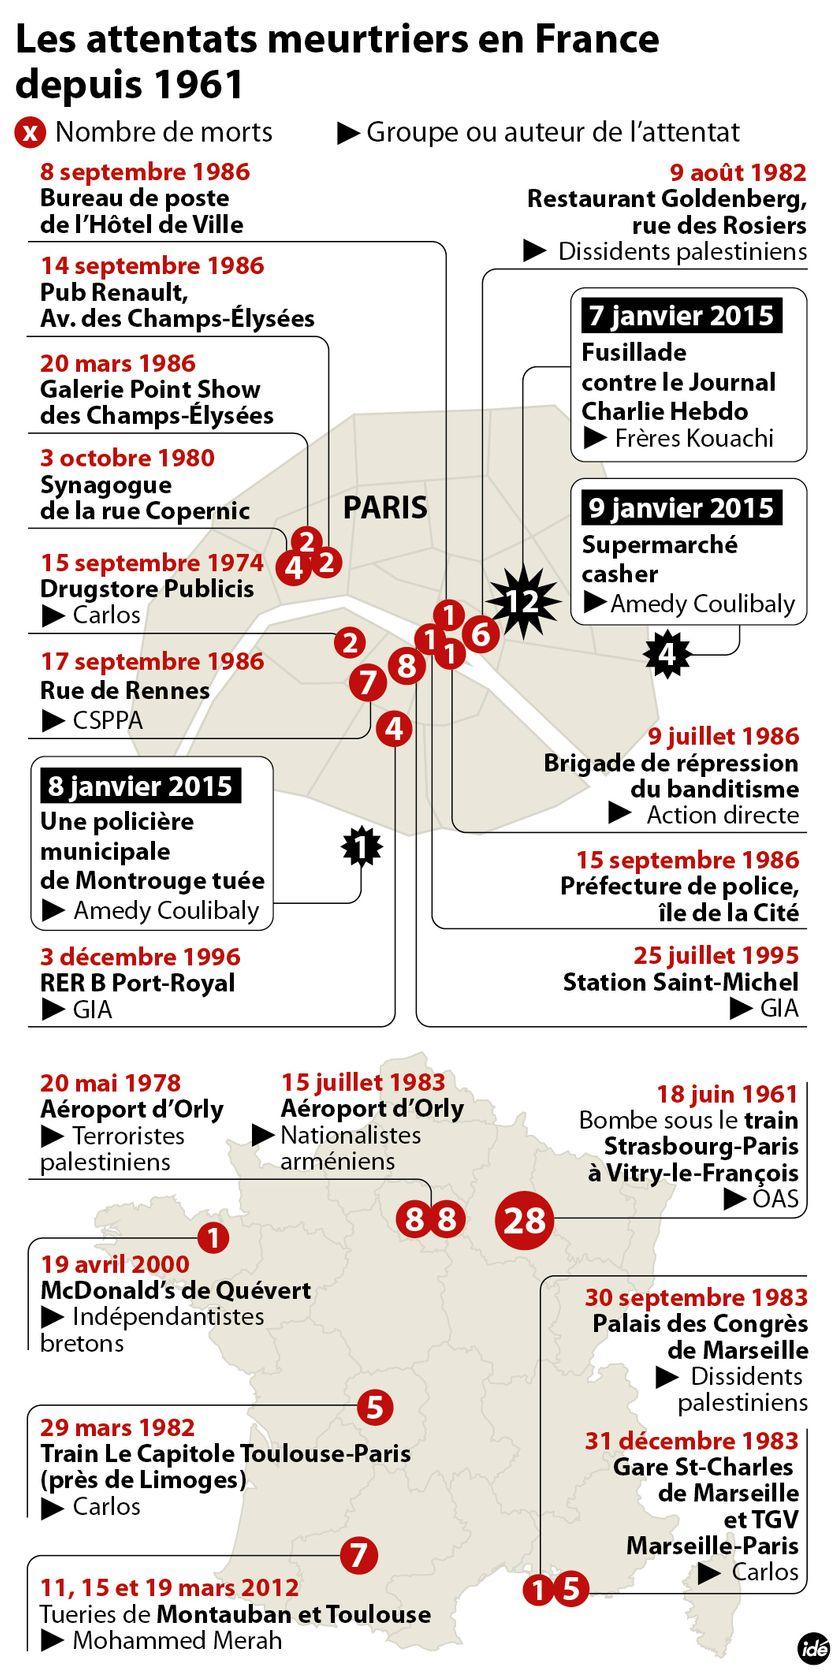 Les attaques terroristes en France depuis 1961